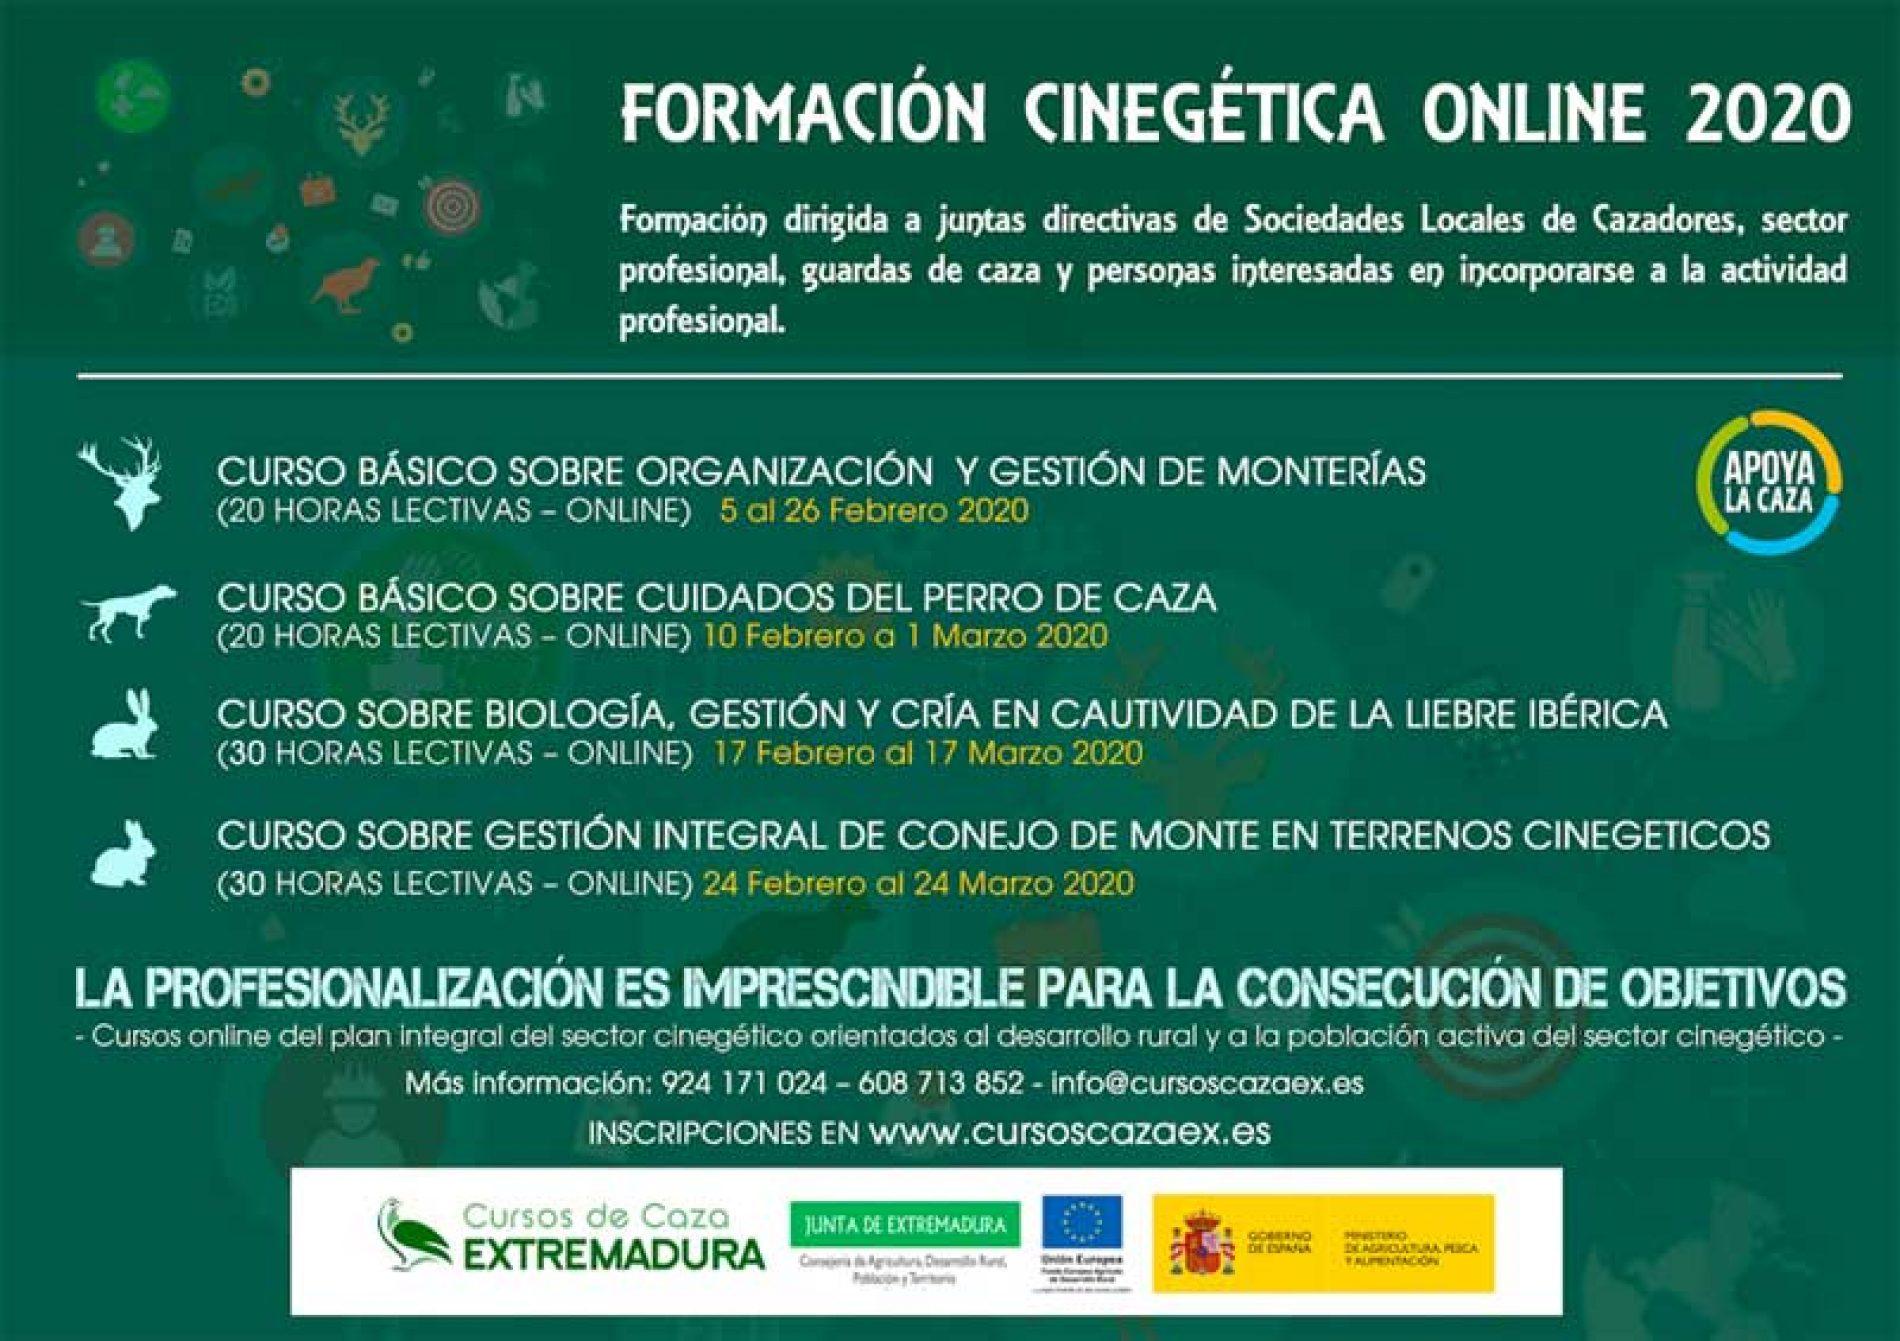 Proyecto Formación Cinegética Online, con 4 cursos GRATIS